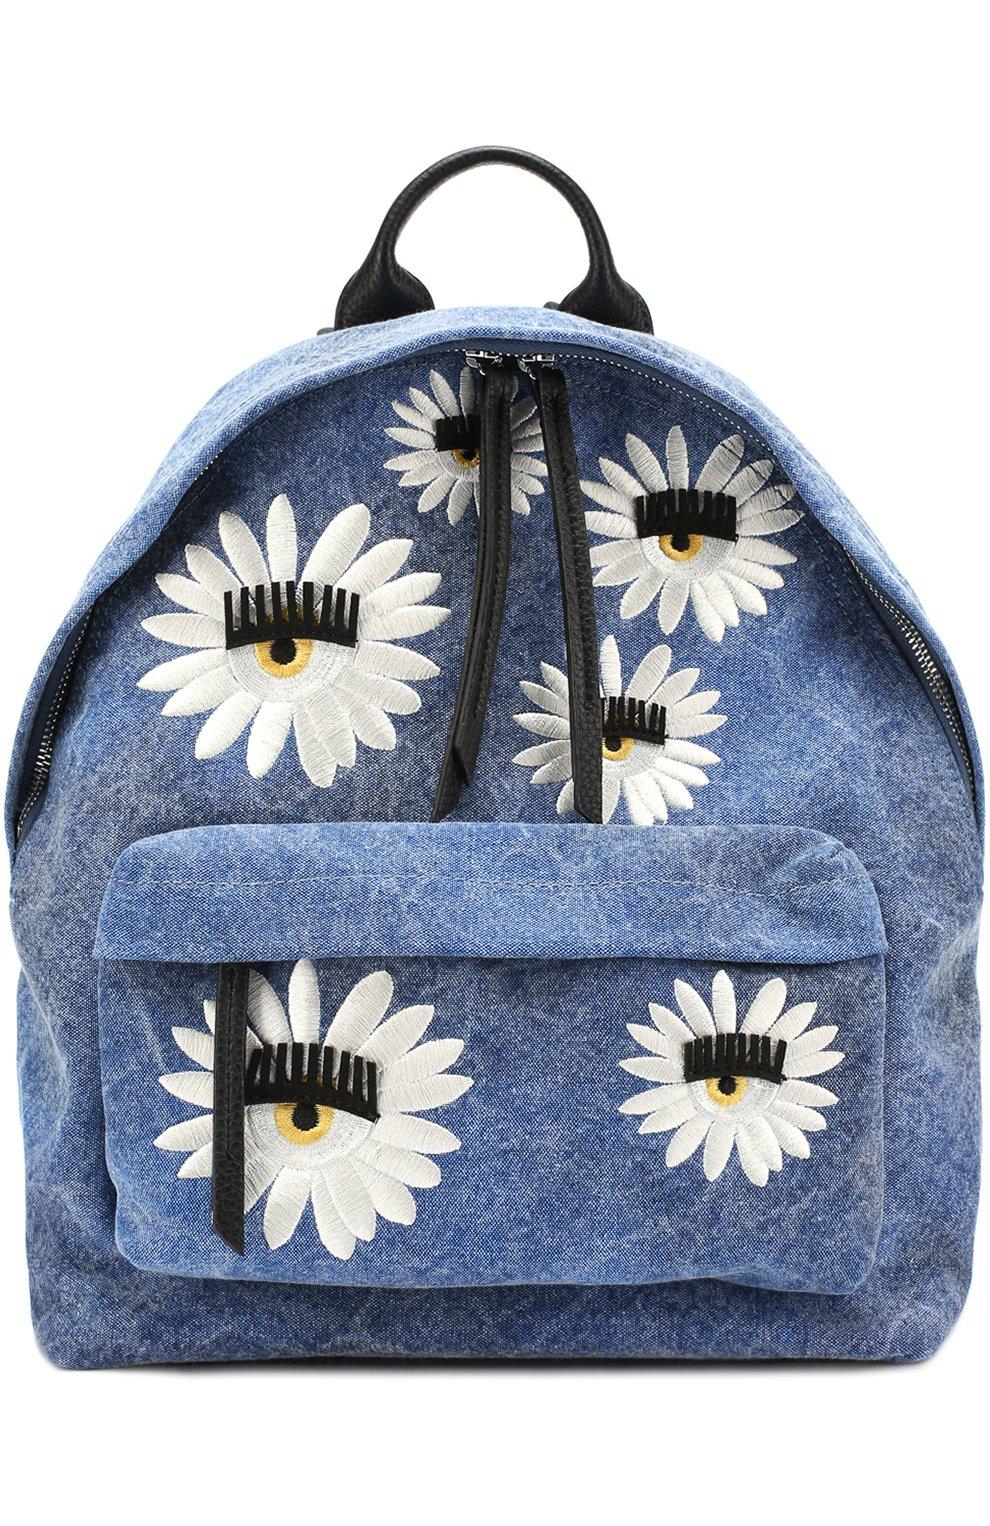 Текстильный рюкзак Flirting с вышивкой в виде цветов | Фото №1